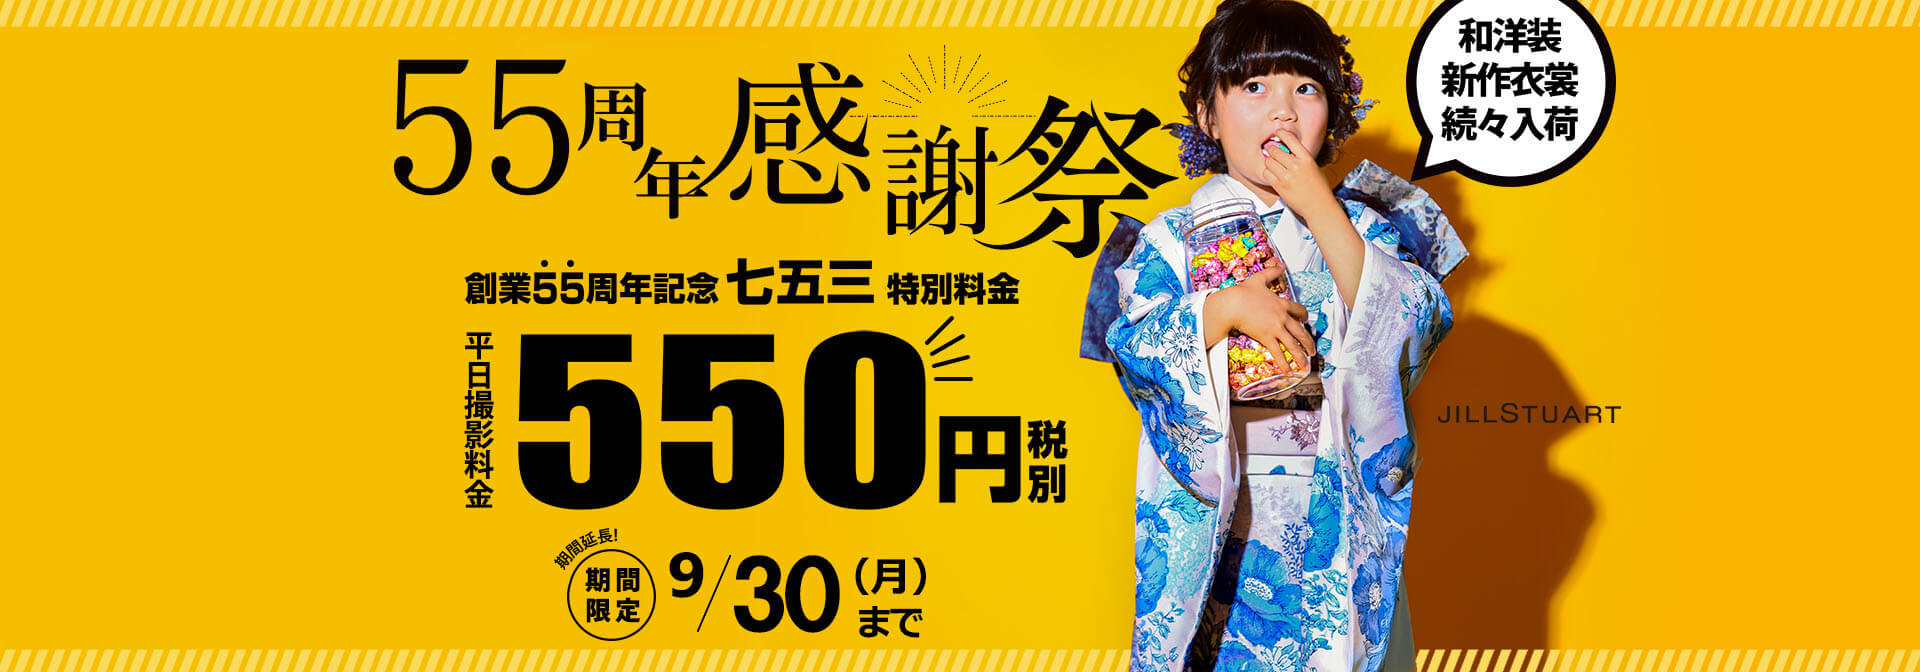 七五三前撮り550円キャンペーン開催中